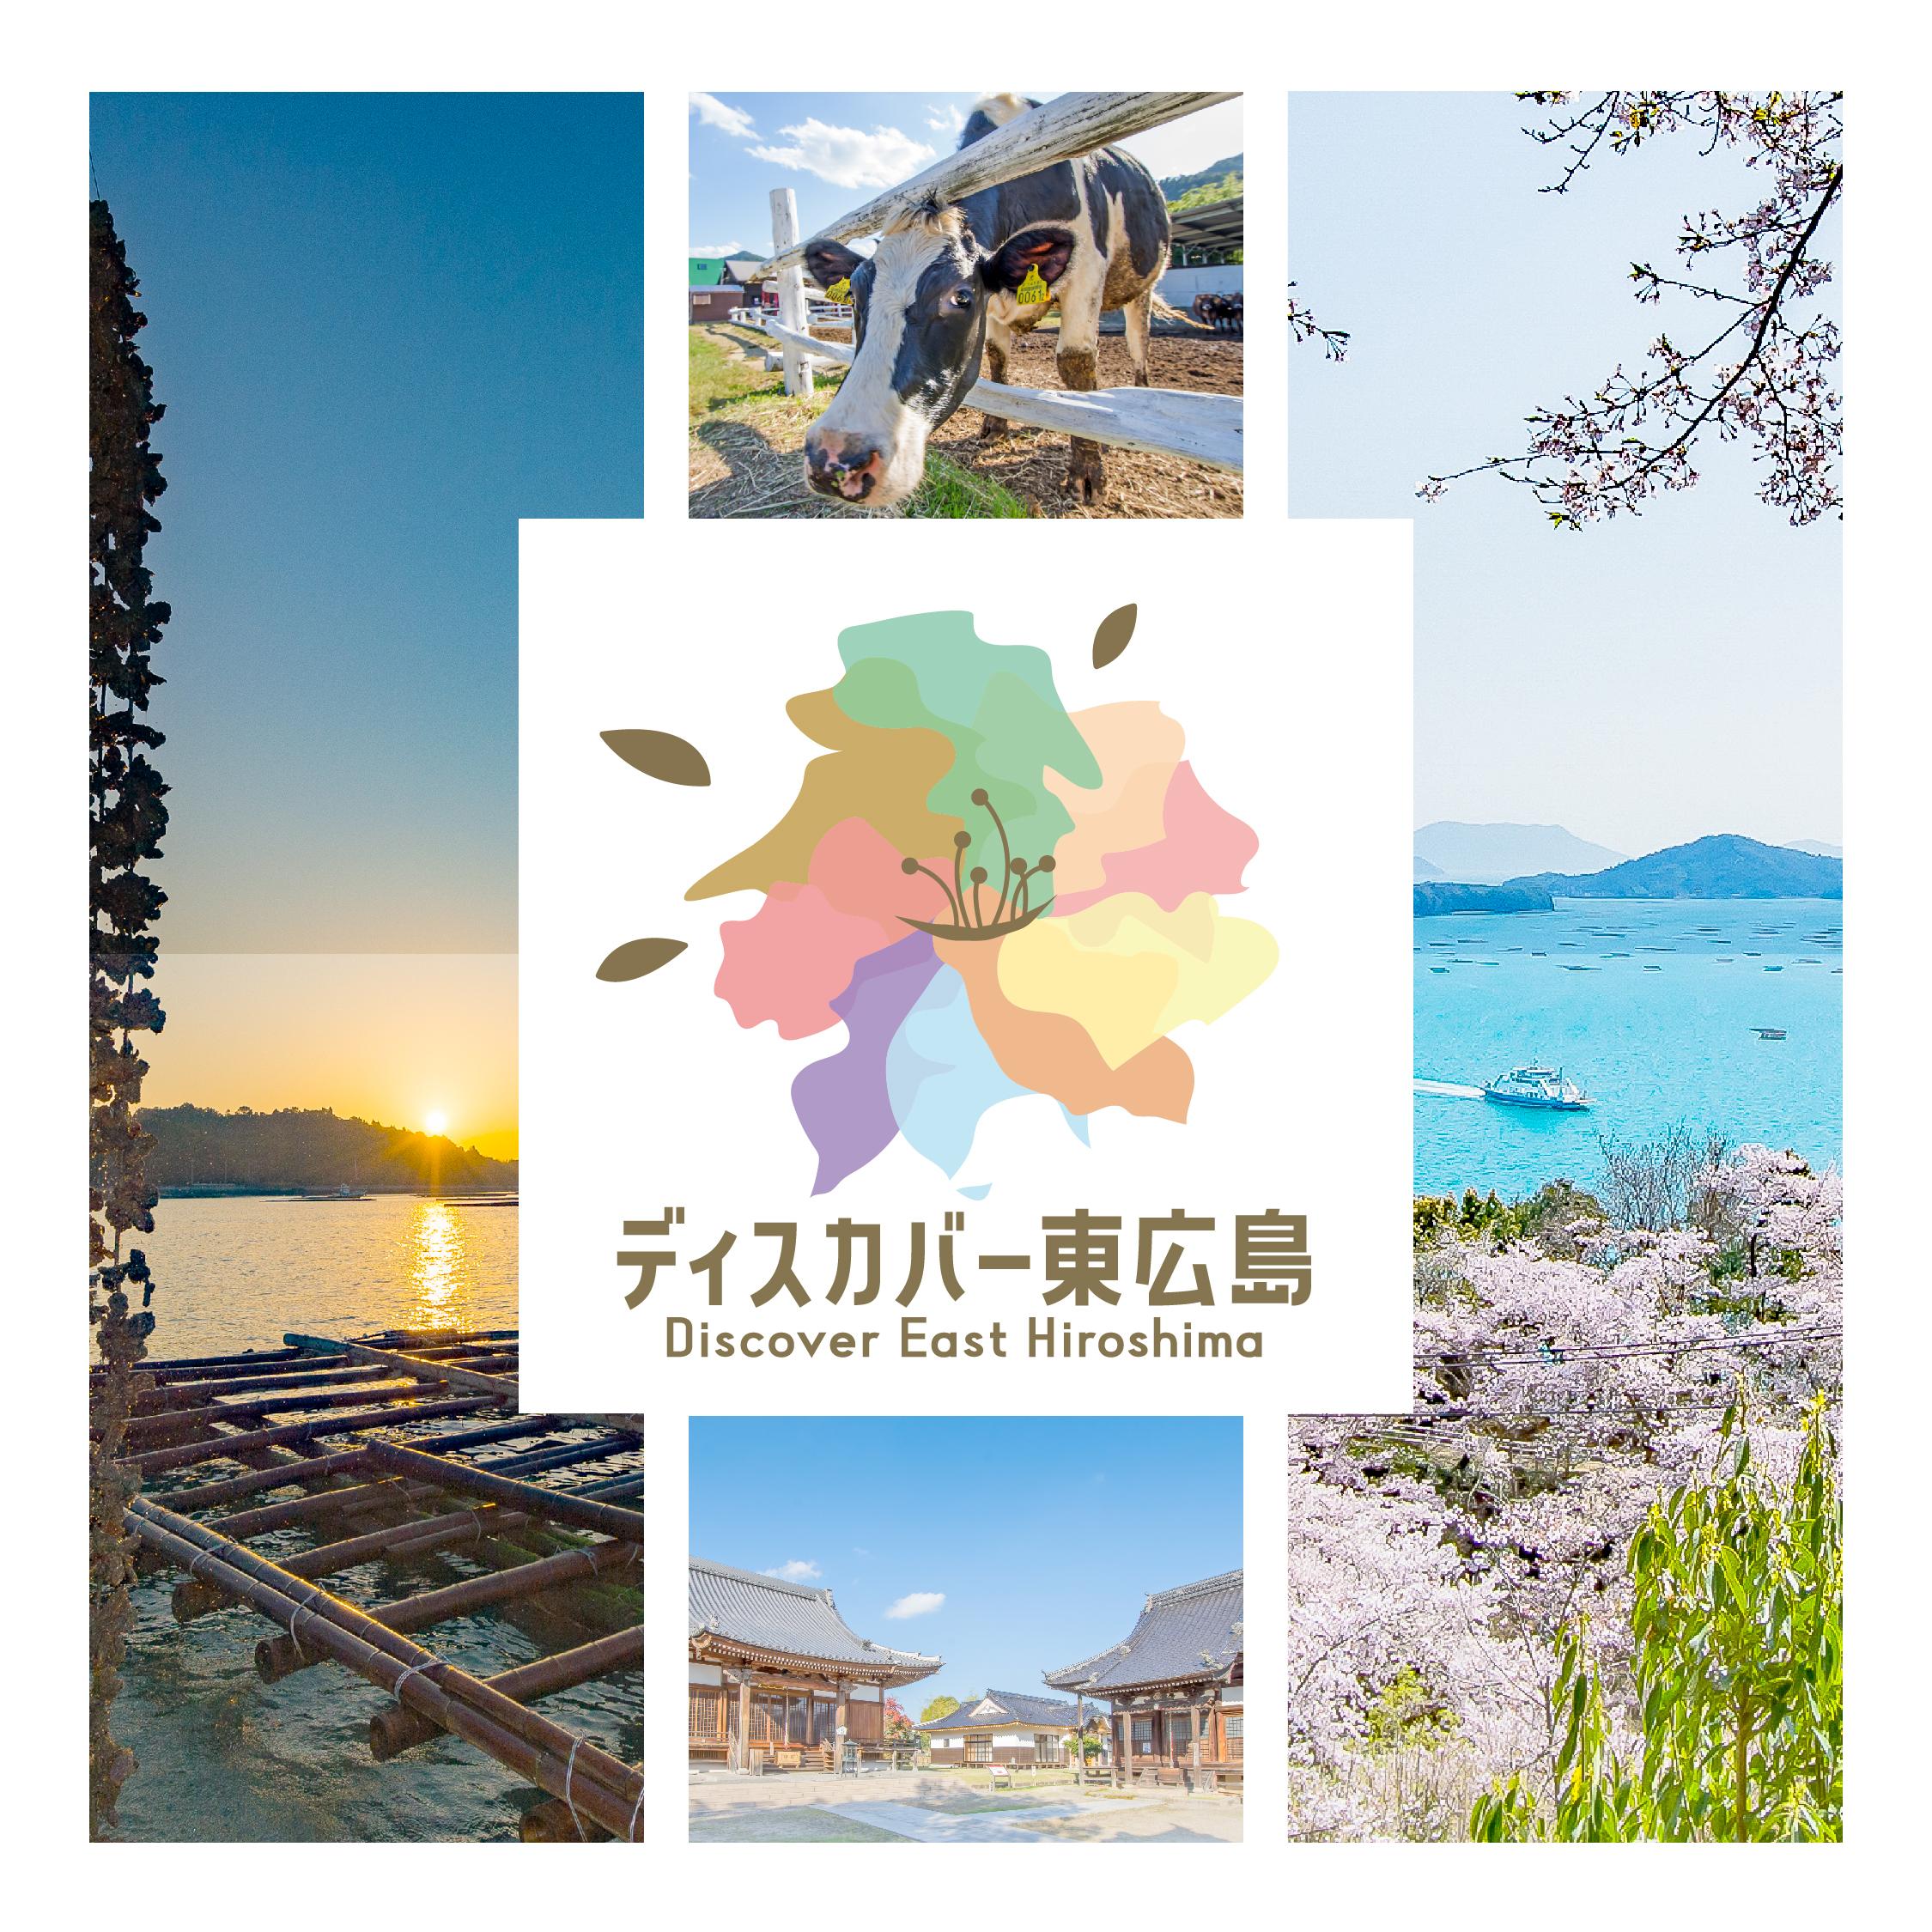 ディスカバー東広島